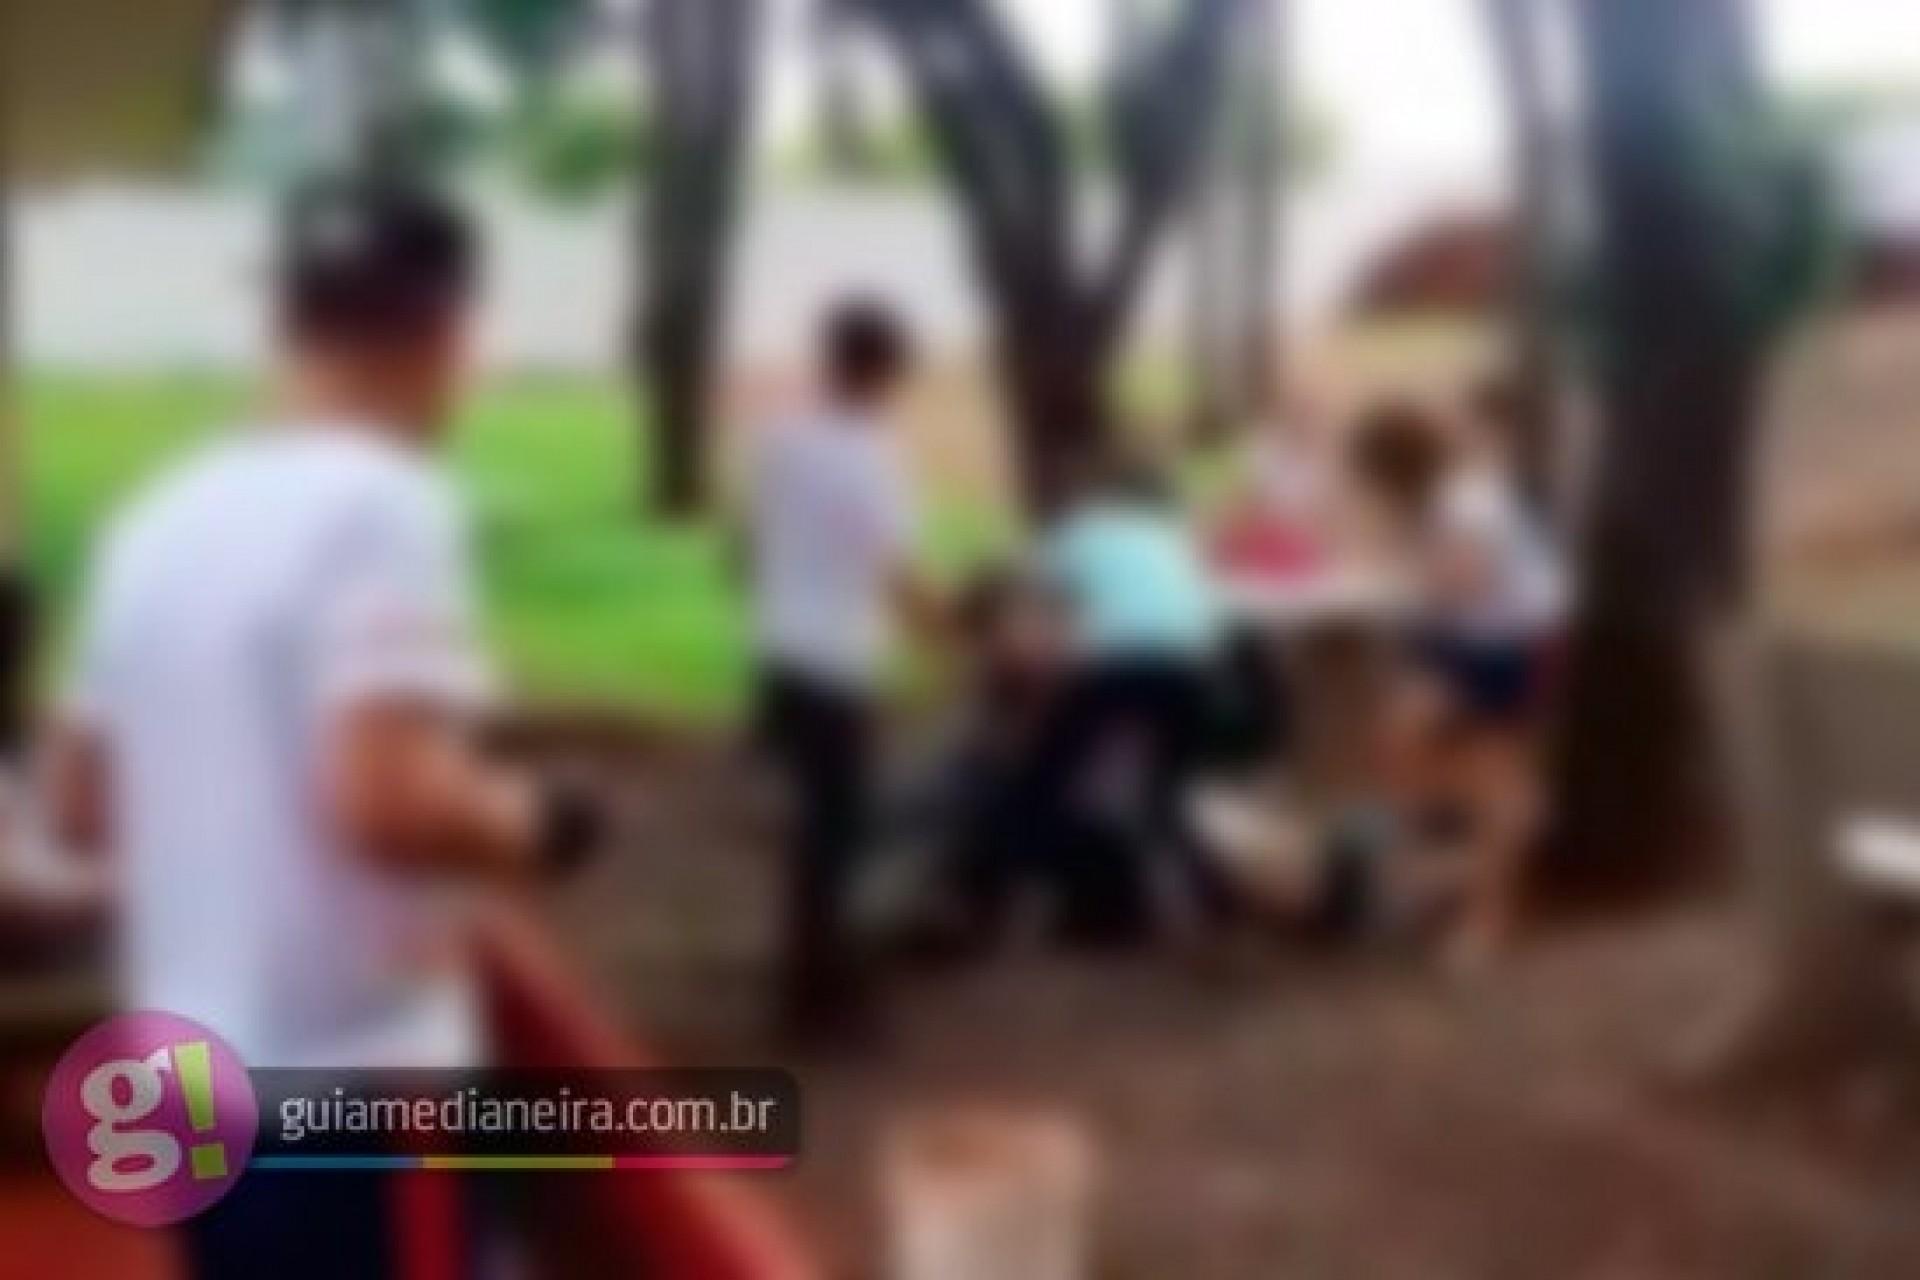 Briga de adolescentes em colégio de Missal acaba em tentativa de homicídio